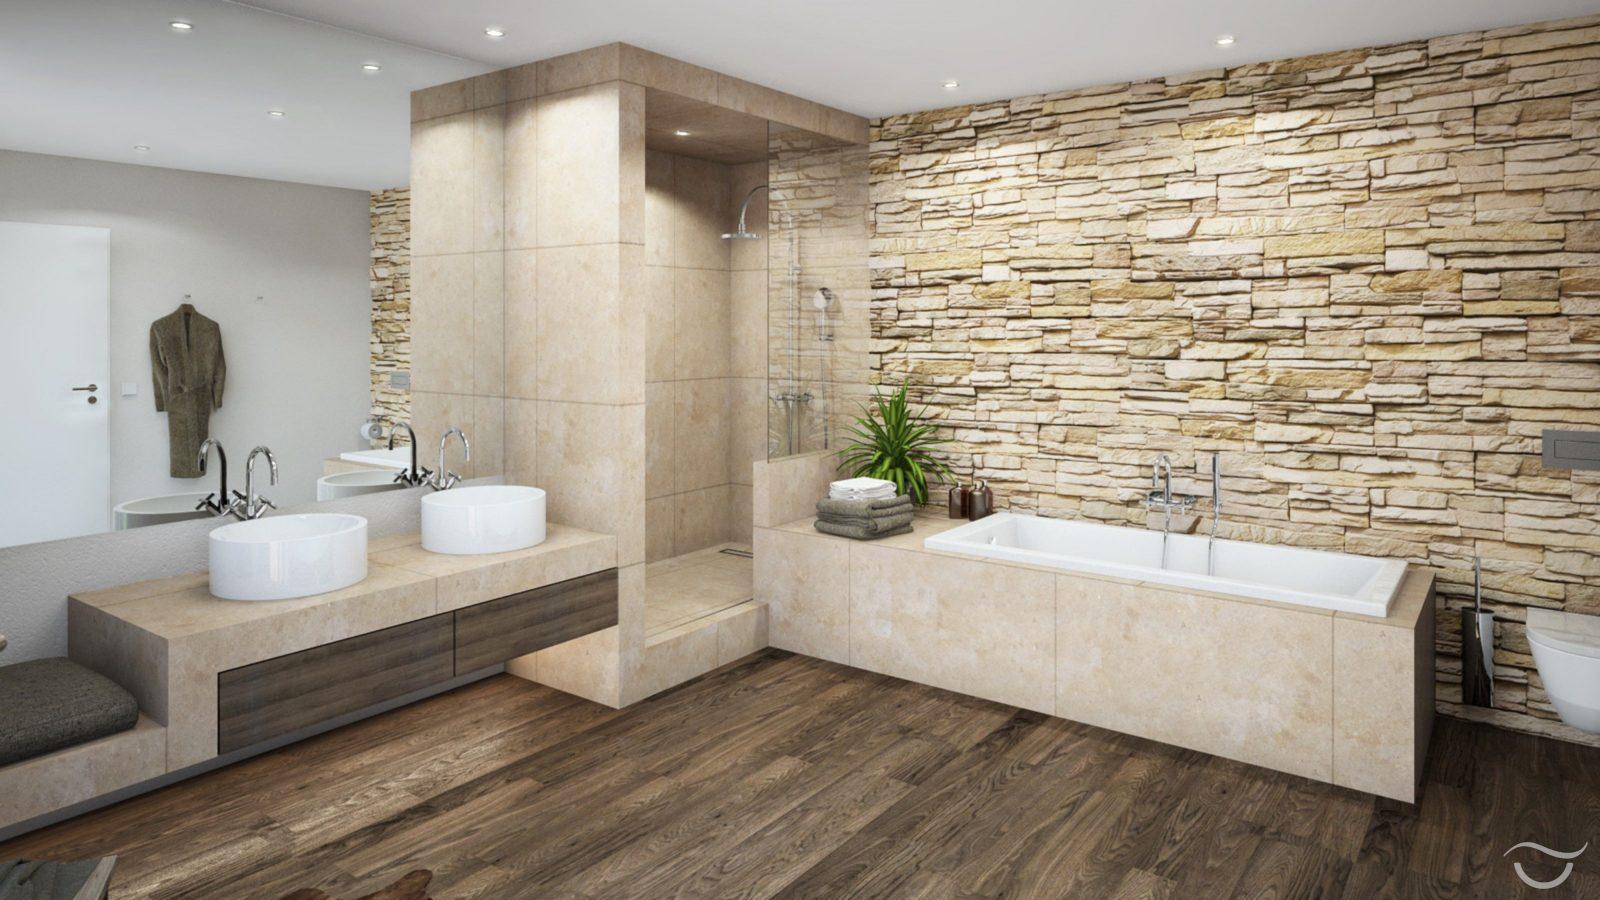 Natürliche Materialien Wie Holz Und Natursteine Sowie Auch Warme von Fliesen In Steinoptik Für Dusche Photo